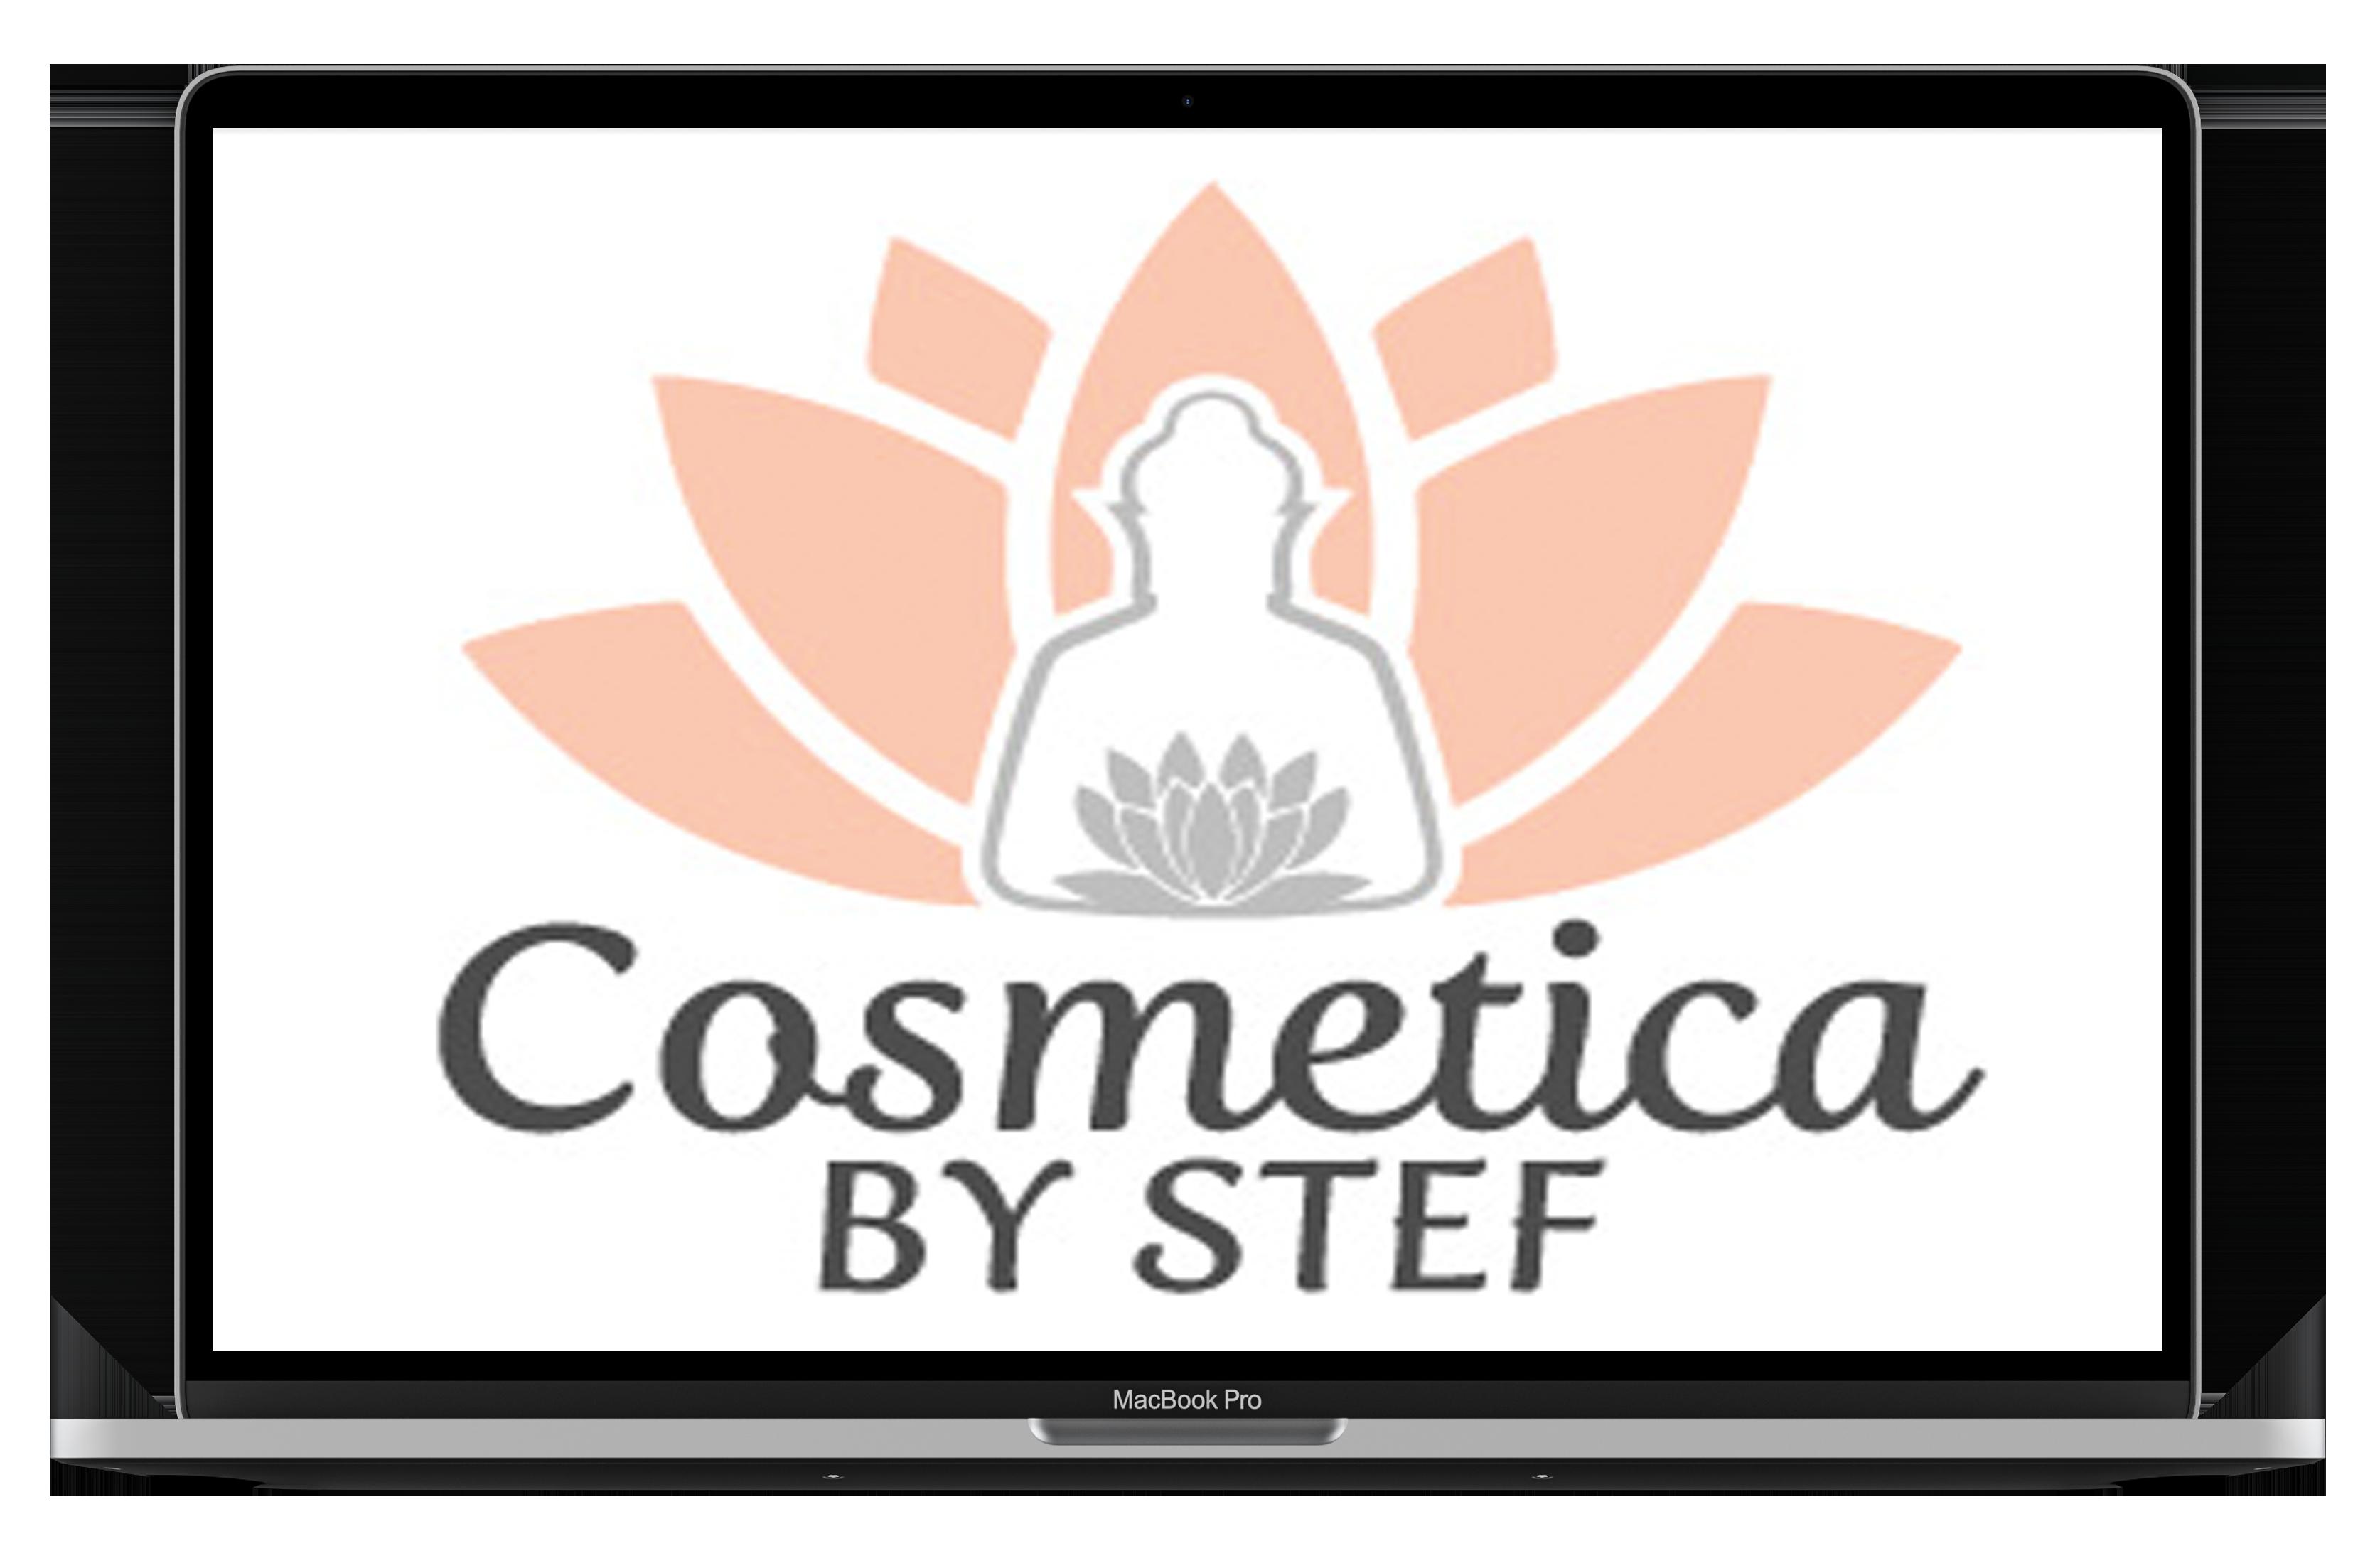 CosmeticaByStef